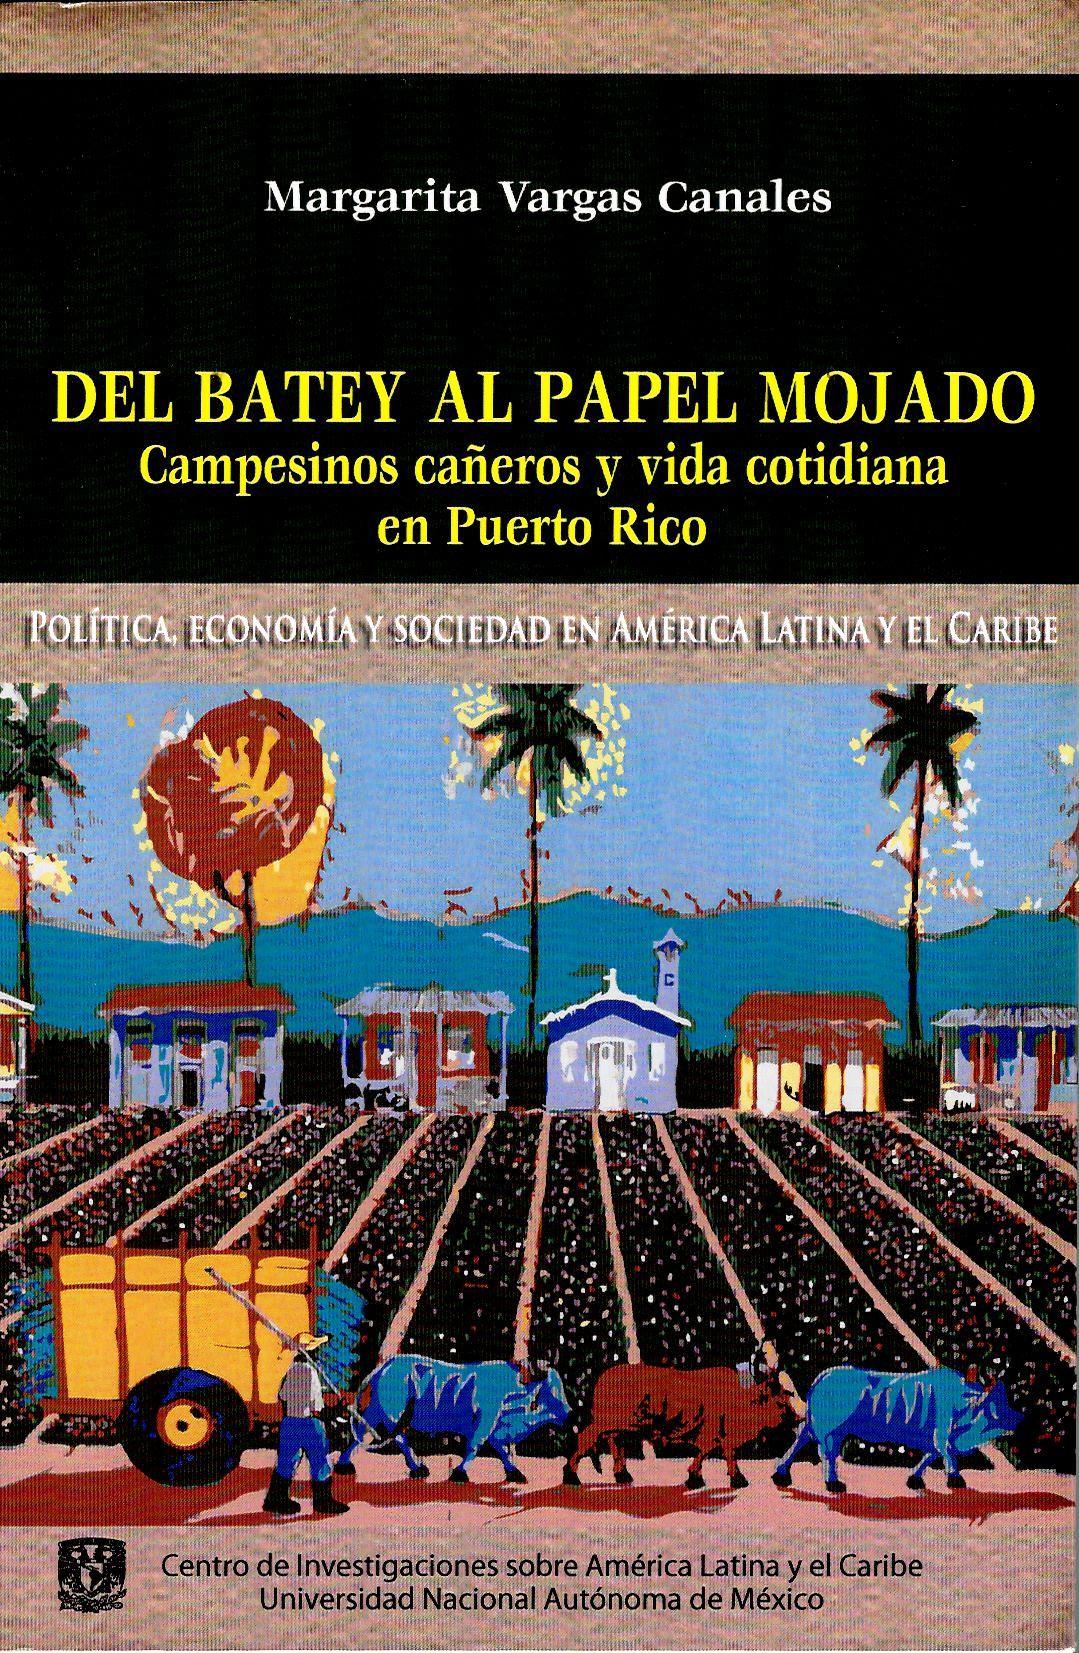 Del Betey al papel mojado. campesinos cañeros y vida cotidiana en Puerto Rico